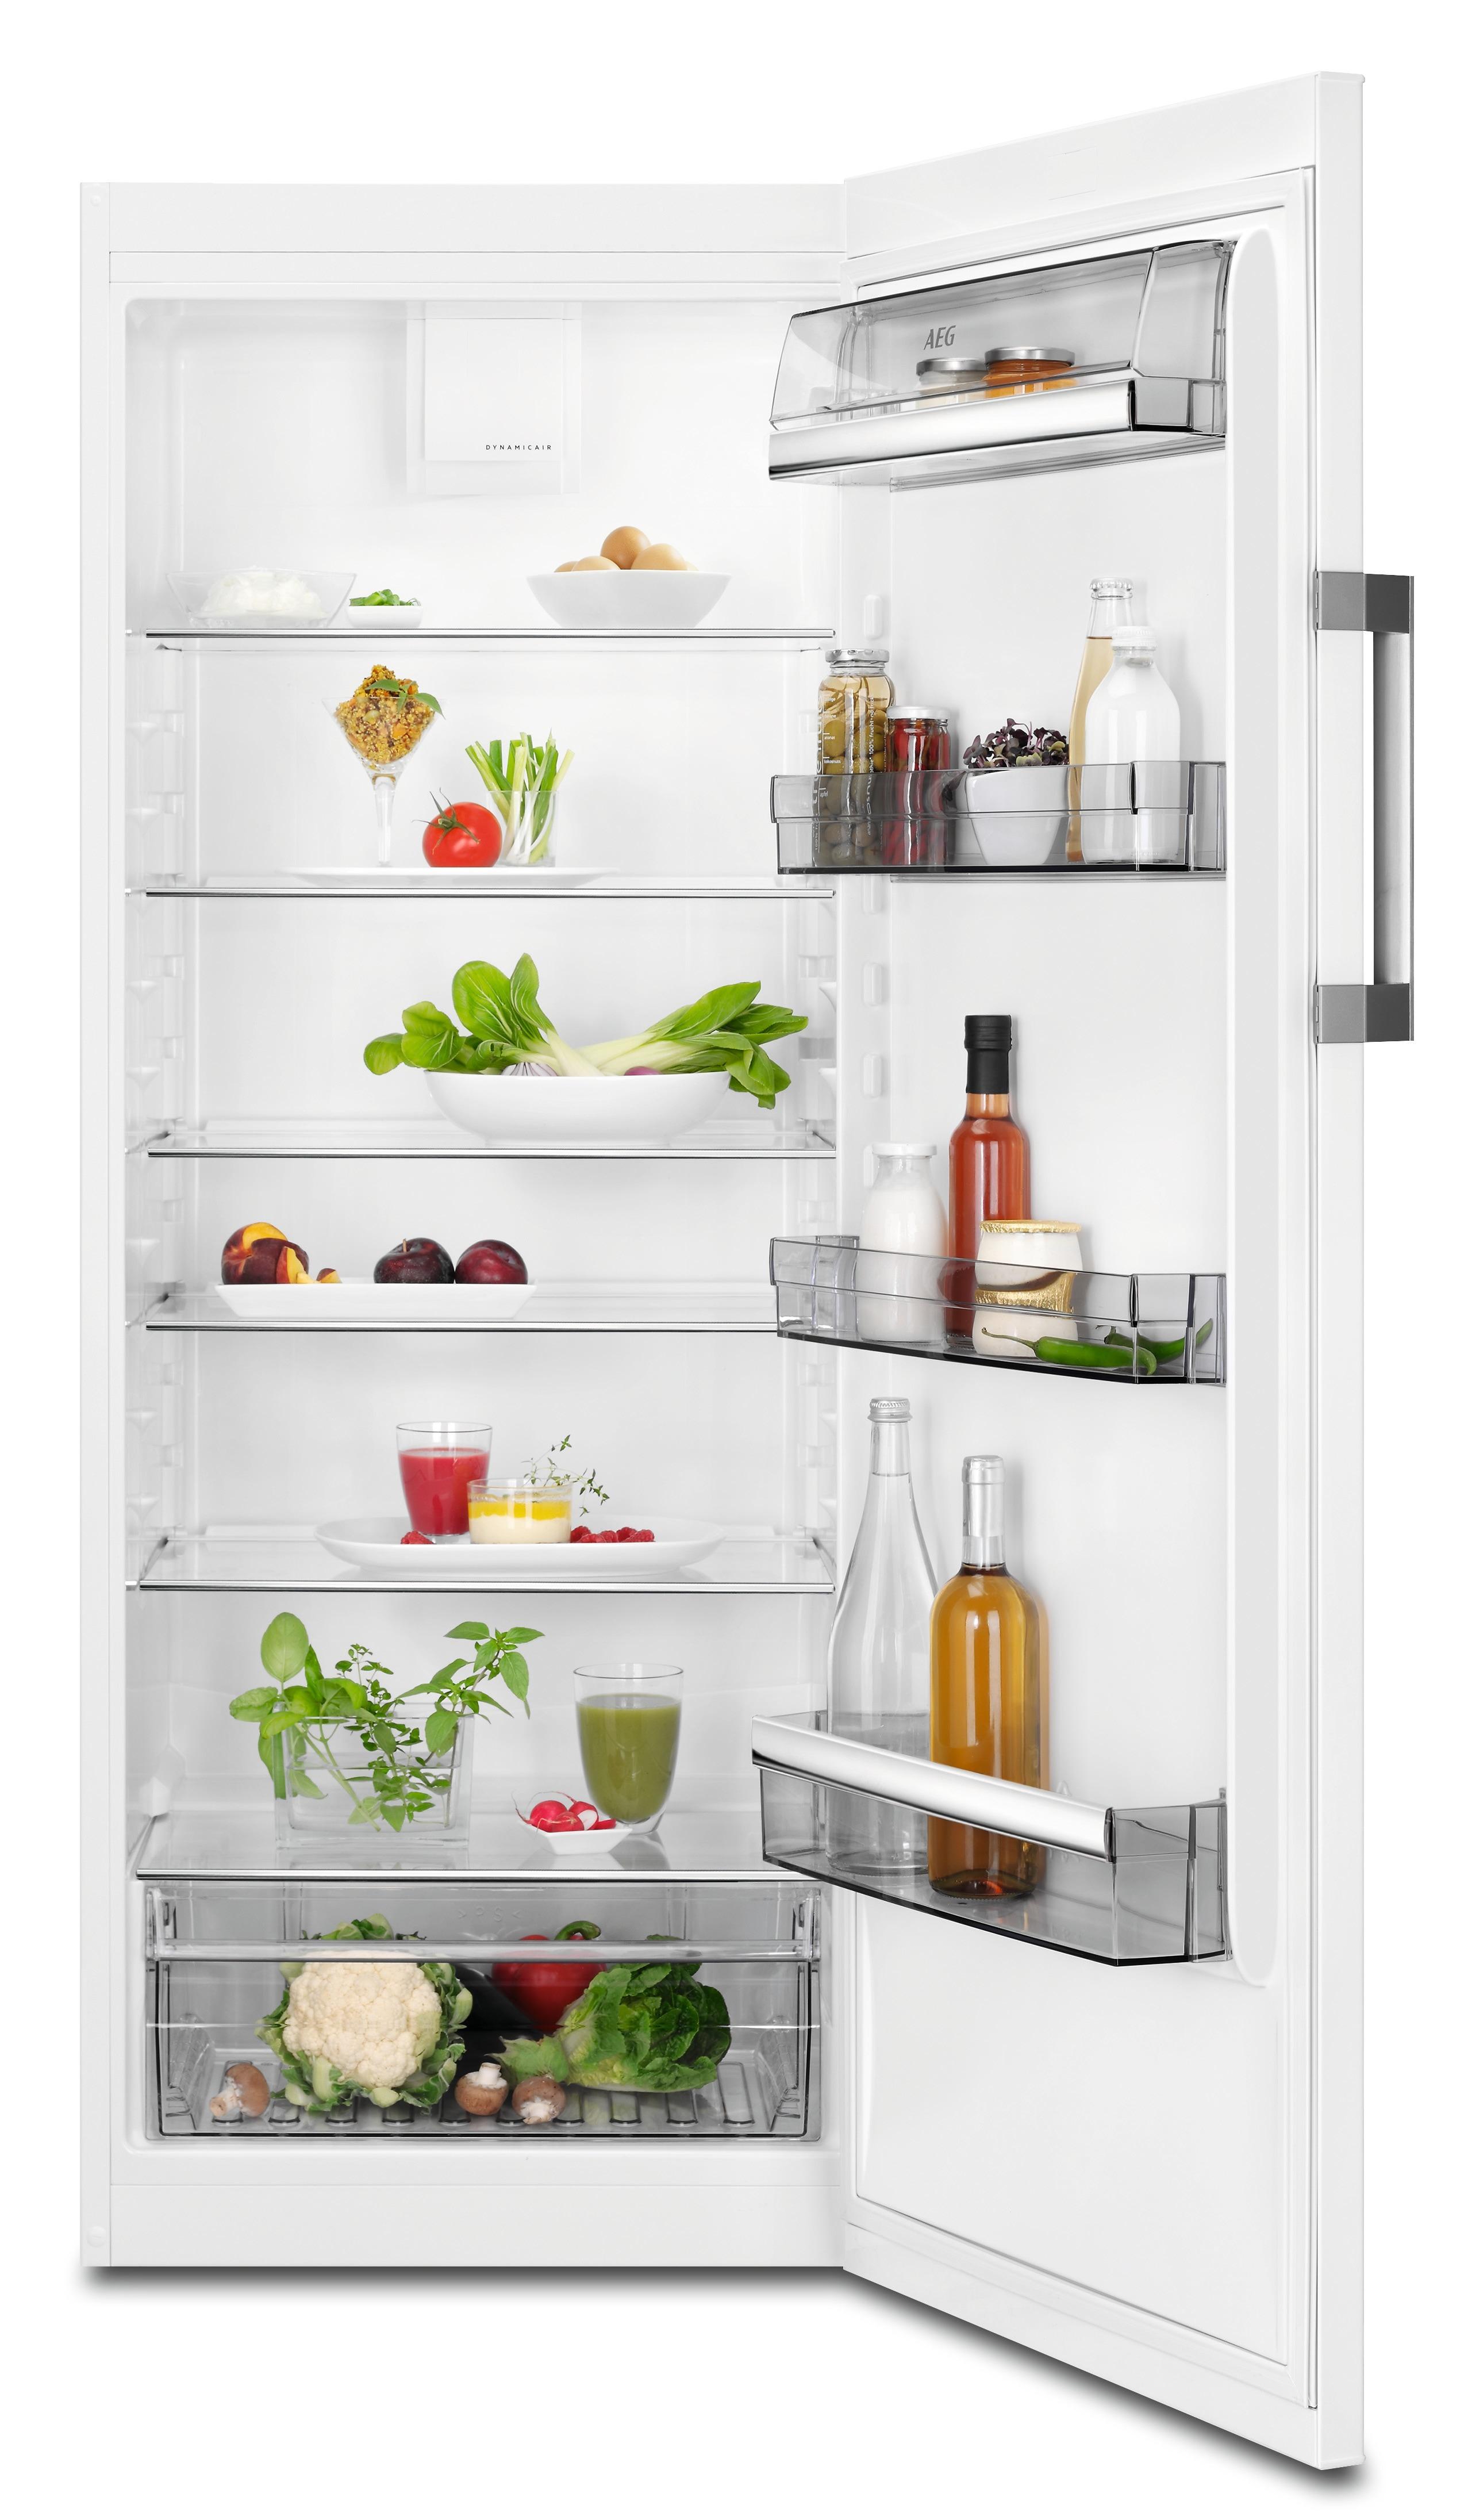 AEG koelkast zonder vriesvak RKE53211DW wit